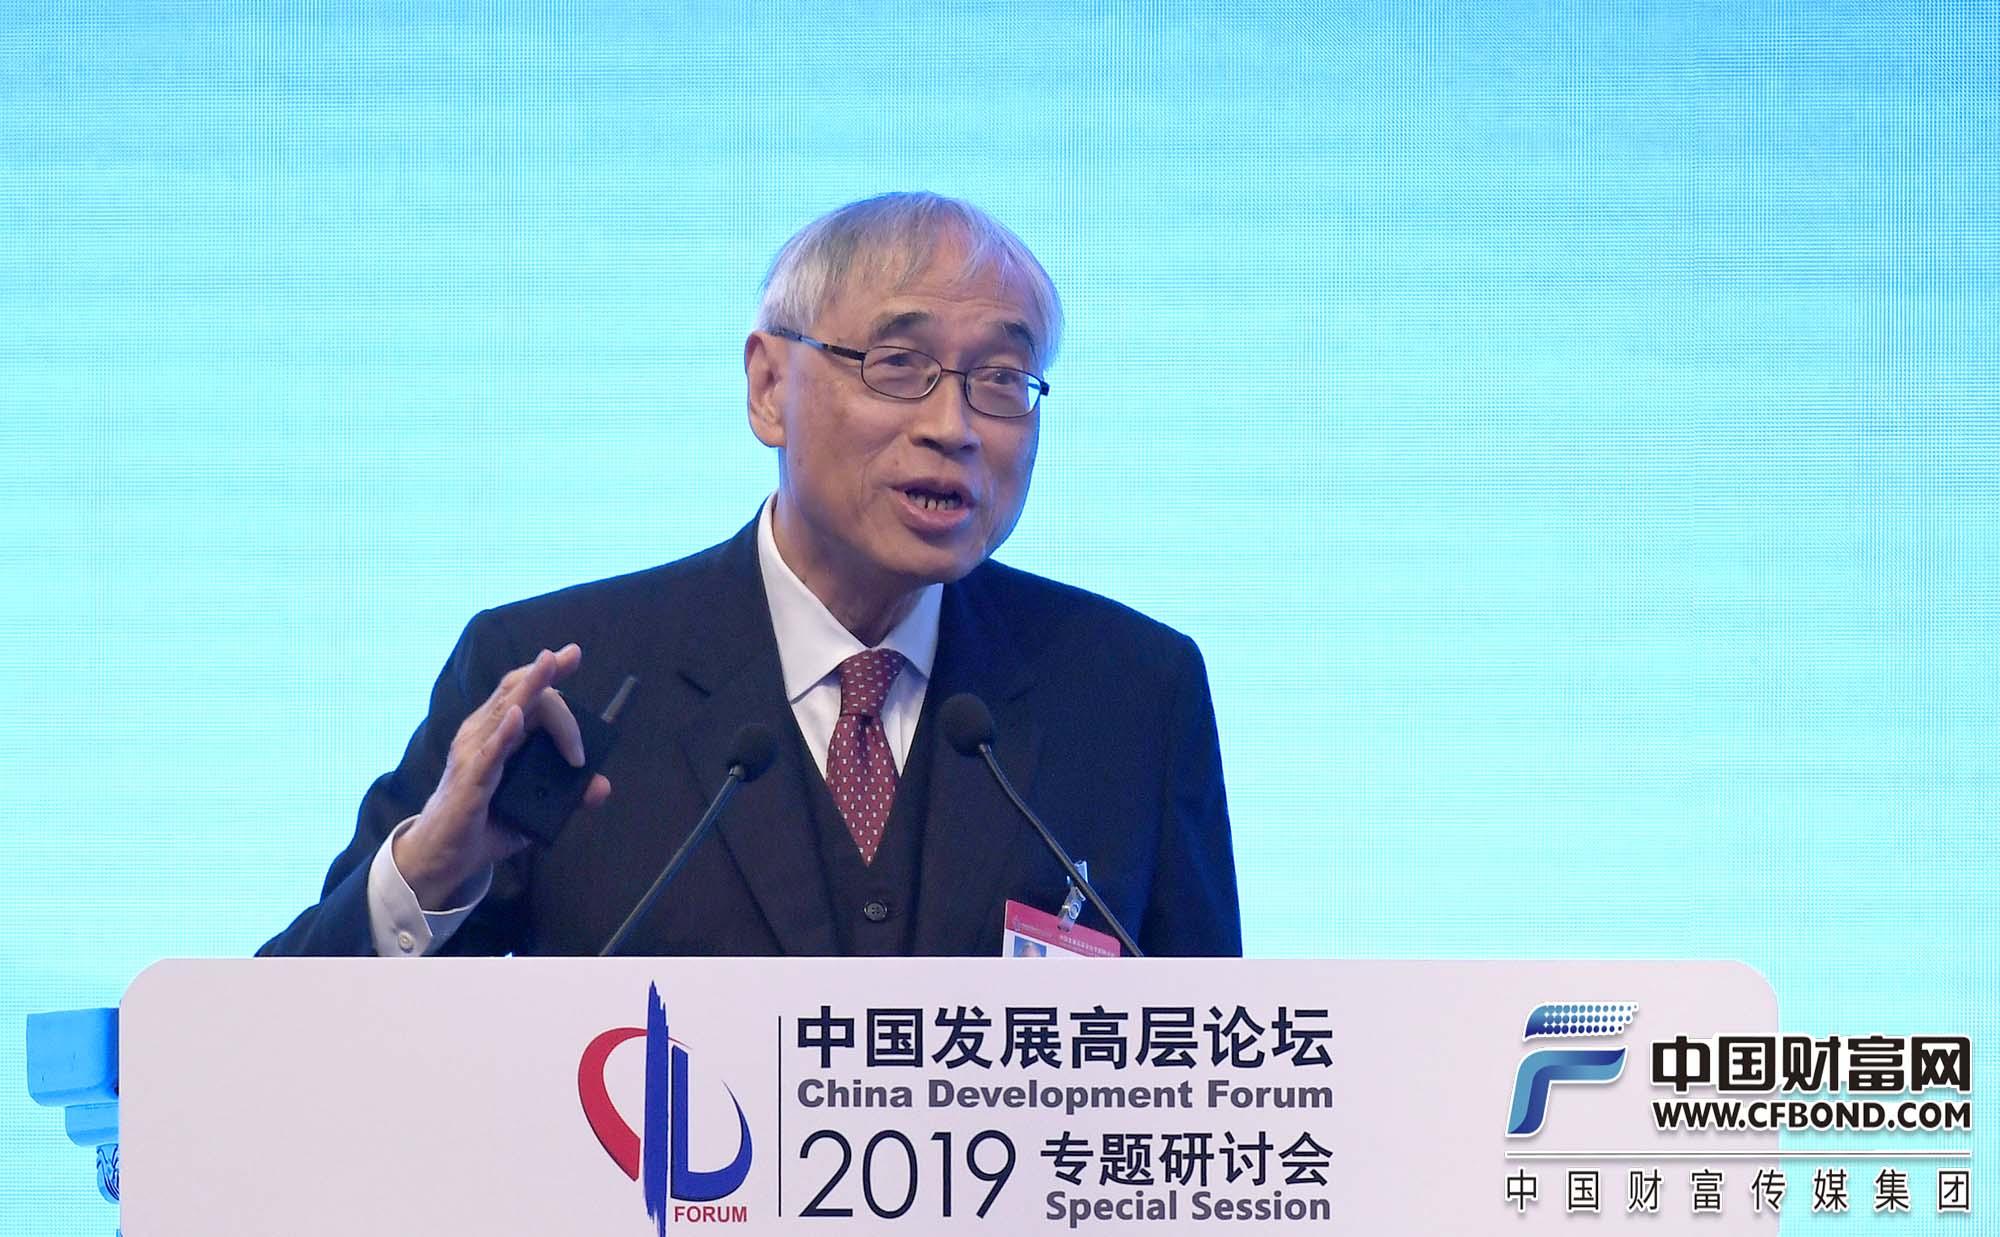 香港中文大学教授刘遵义发言